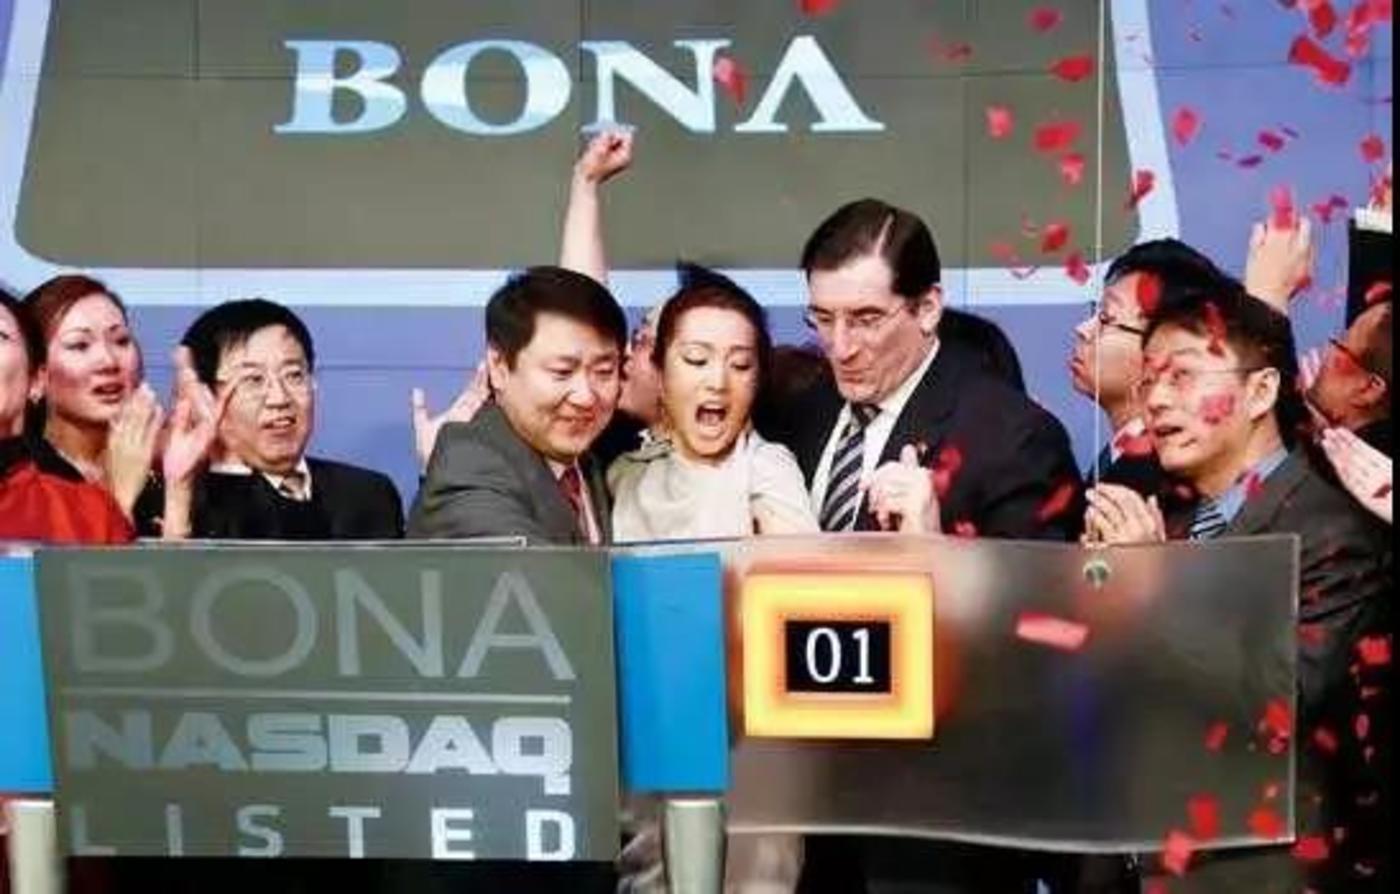 2010年博纳在美上市